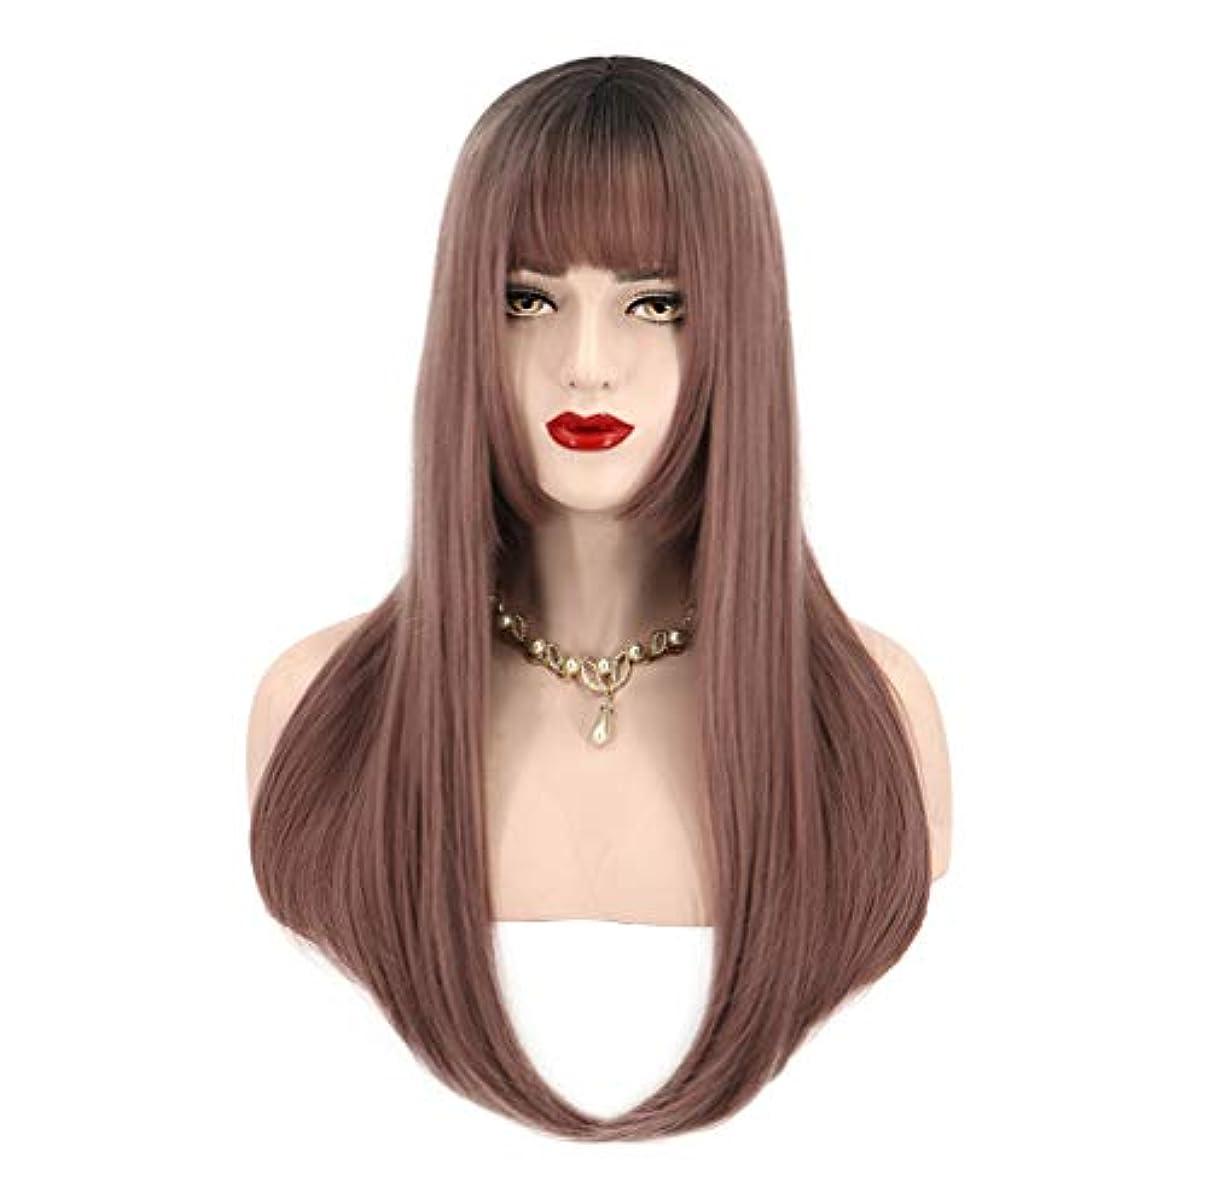 聴く周術期文句を言う女性用人工毛ウィッグロングストレート耐熱性毛先取り済み150%密度ブラウン65cm